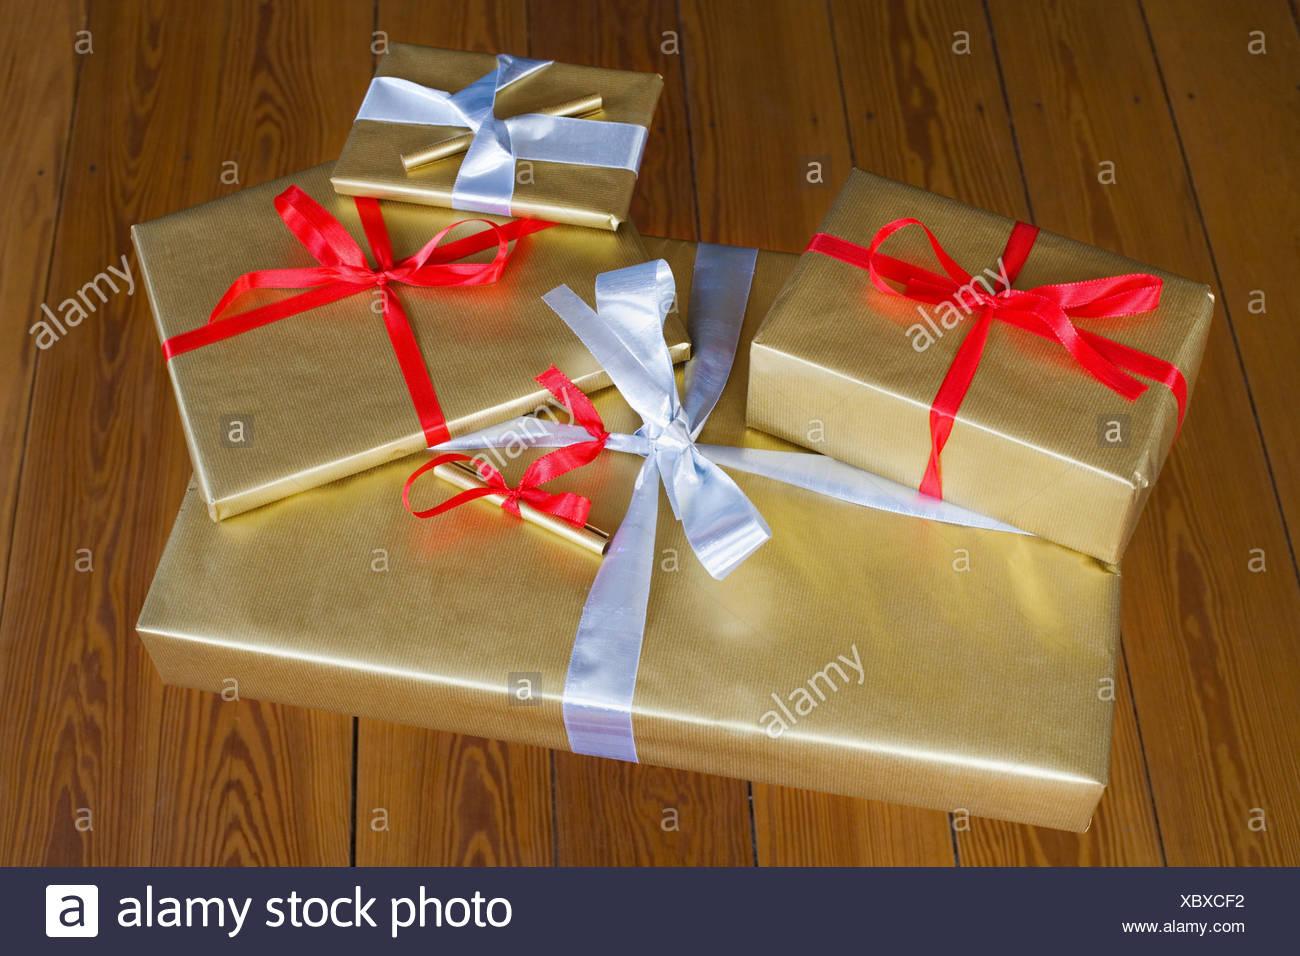 Weihnachtsgeschenke, Stock, Paket, Geschenke, Geschenke, Golden ...